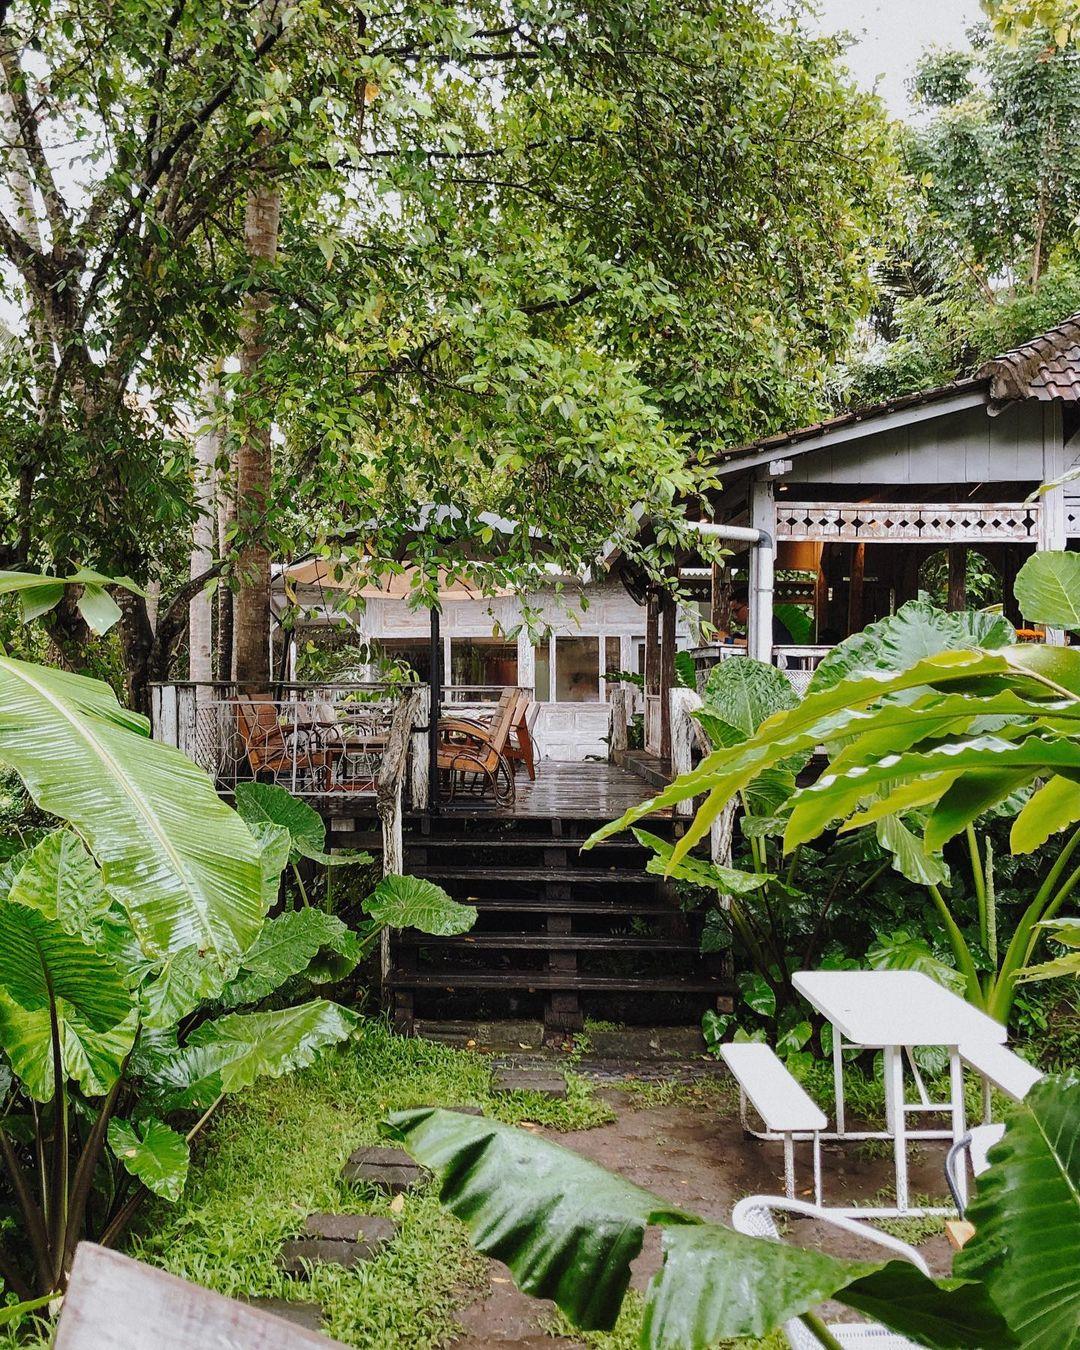 Hijaunya Alam Di Cafe Lusi Dan Pakan Bali Image From @cafephiles